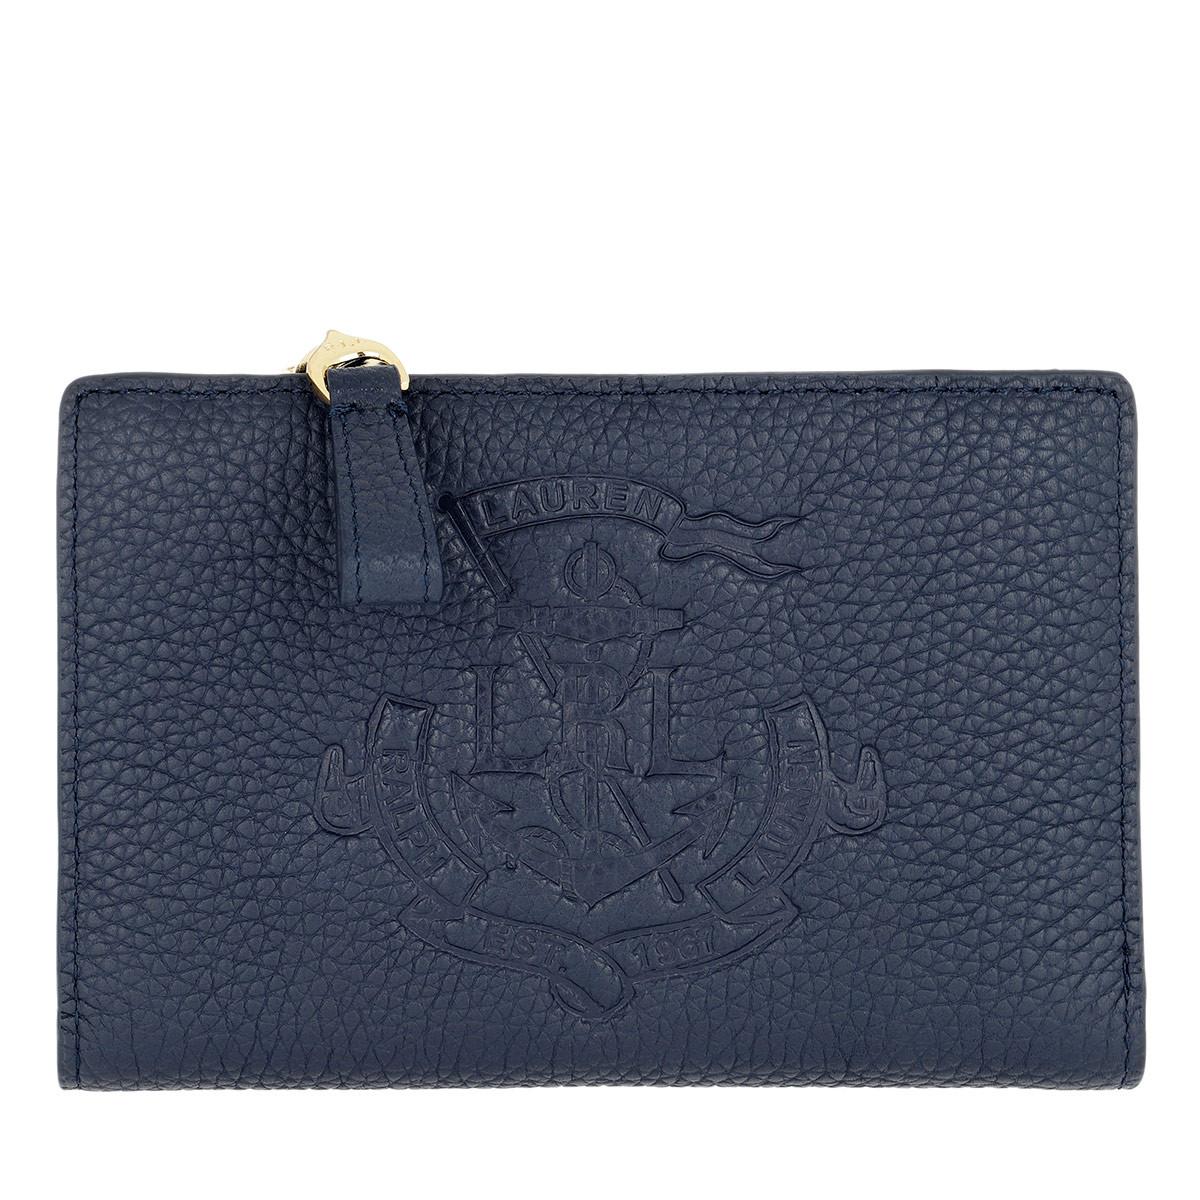 Lauren Ralph Lauren Portemonnaie - Huntley New Compact Wallet Small Navy - in blau - für Damen